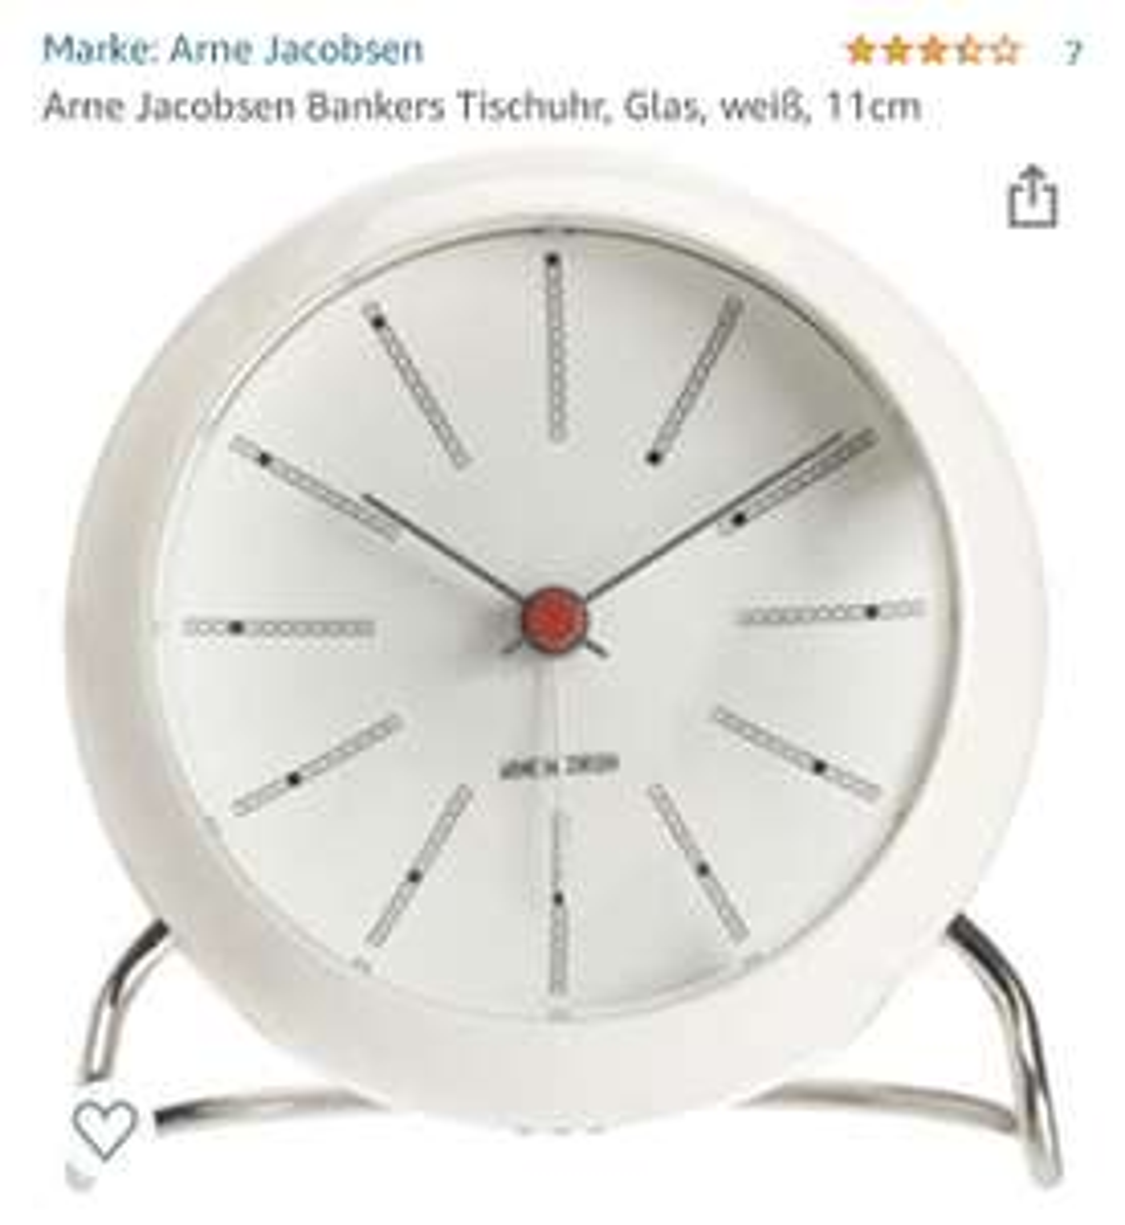 Arne Jacobsen Bankers Tischuhr, Glas, weiß, 11cm